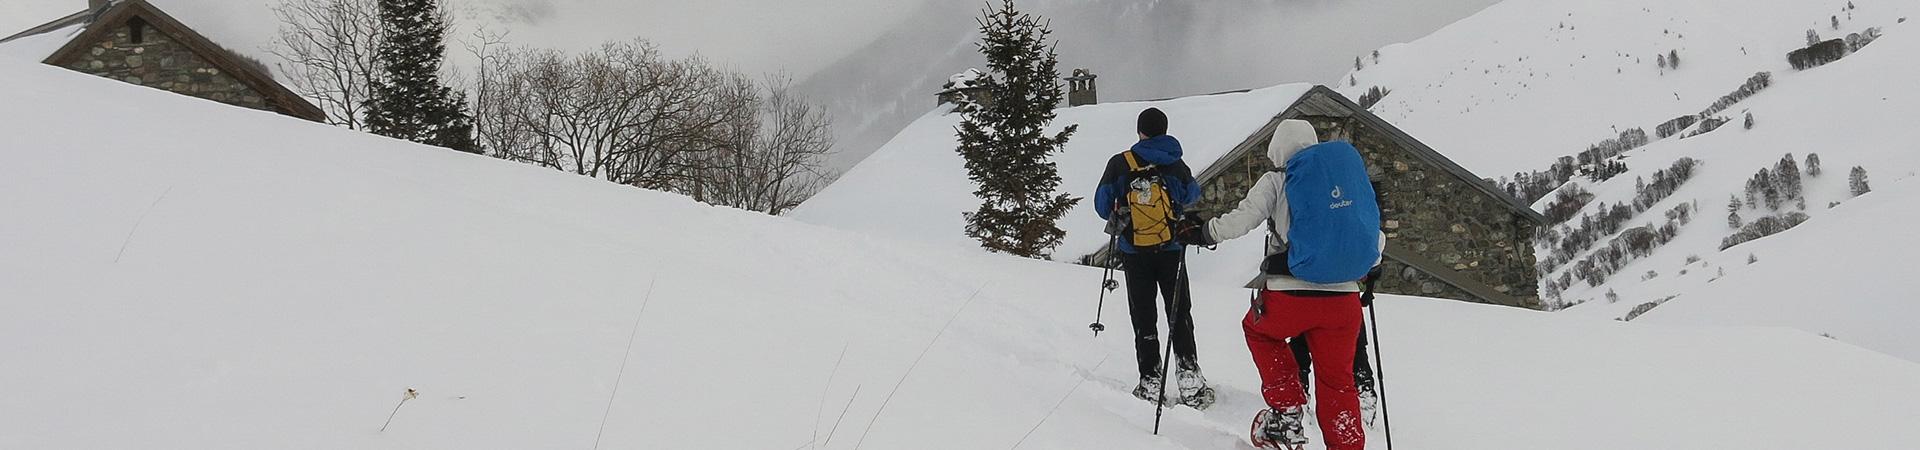 Sortie raquettes organisée par l'association GTA Handic'Alpes avec des personnes déficientes visuelles